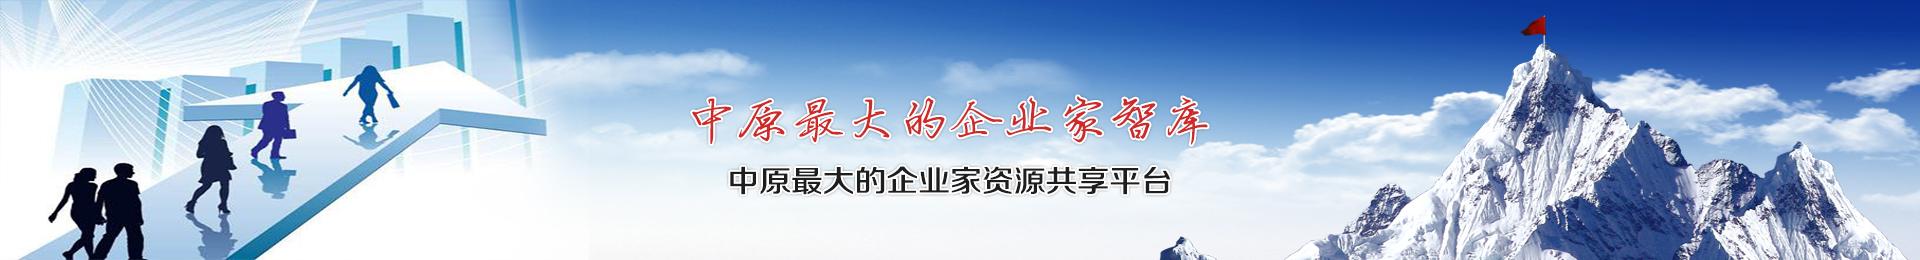 鄭州拓展訓練基地